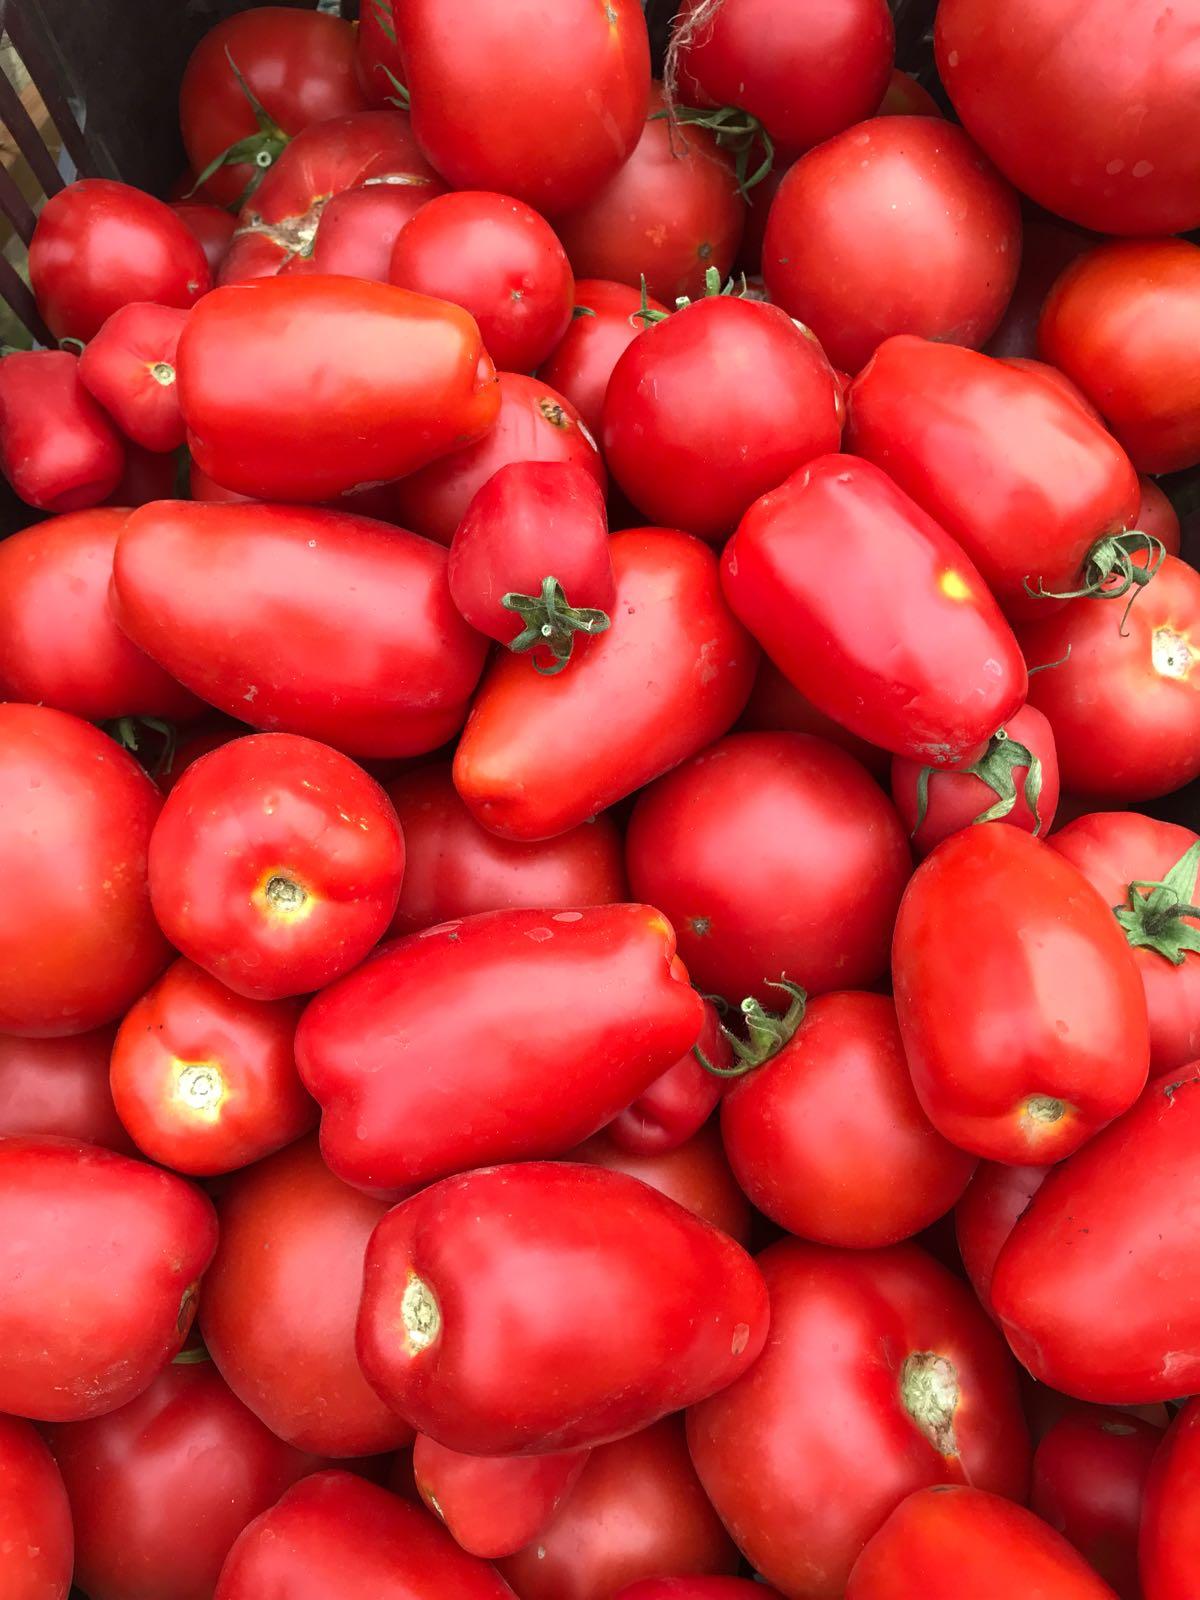 tomates22017-12-20 at 11.26.55